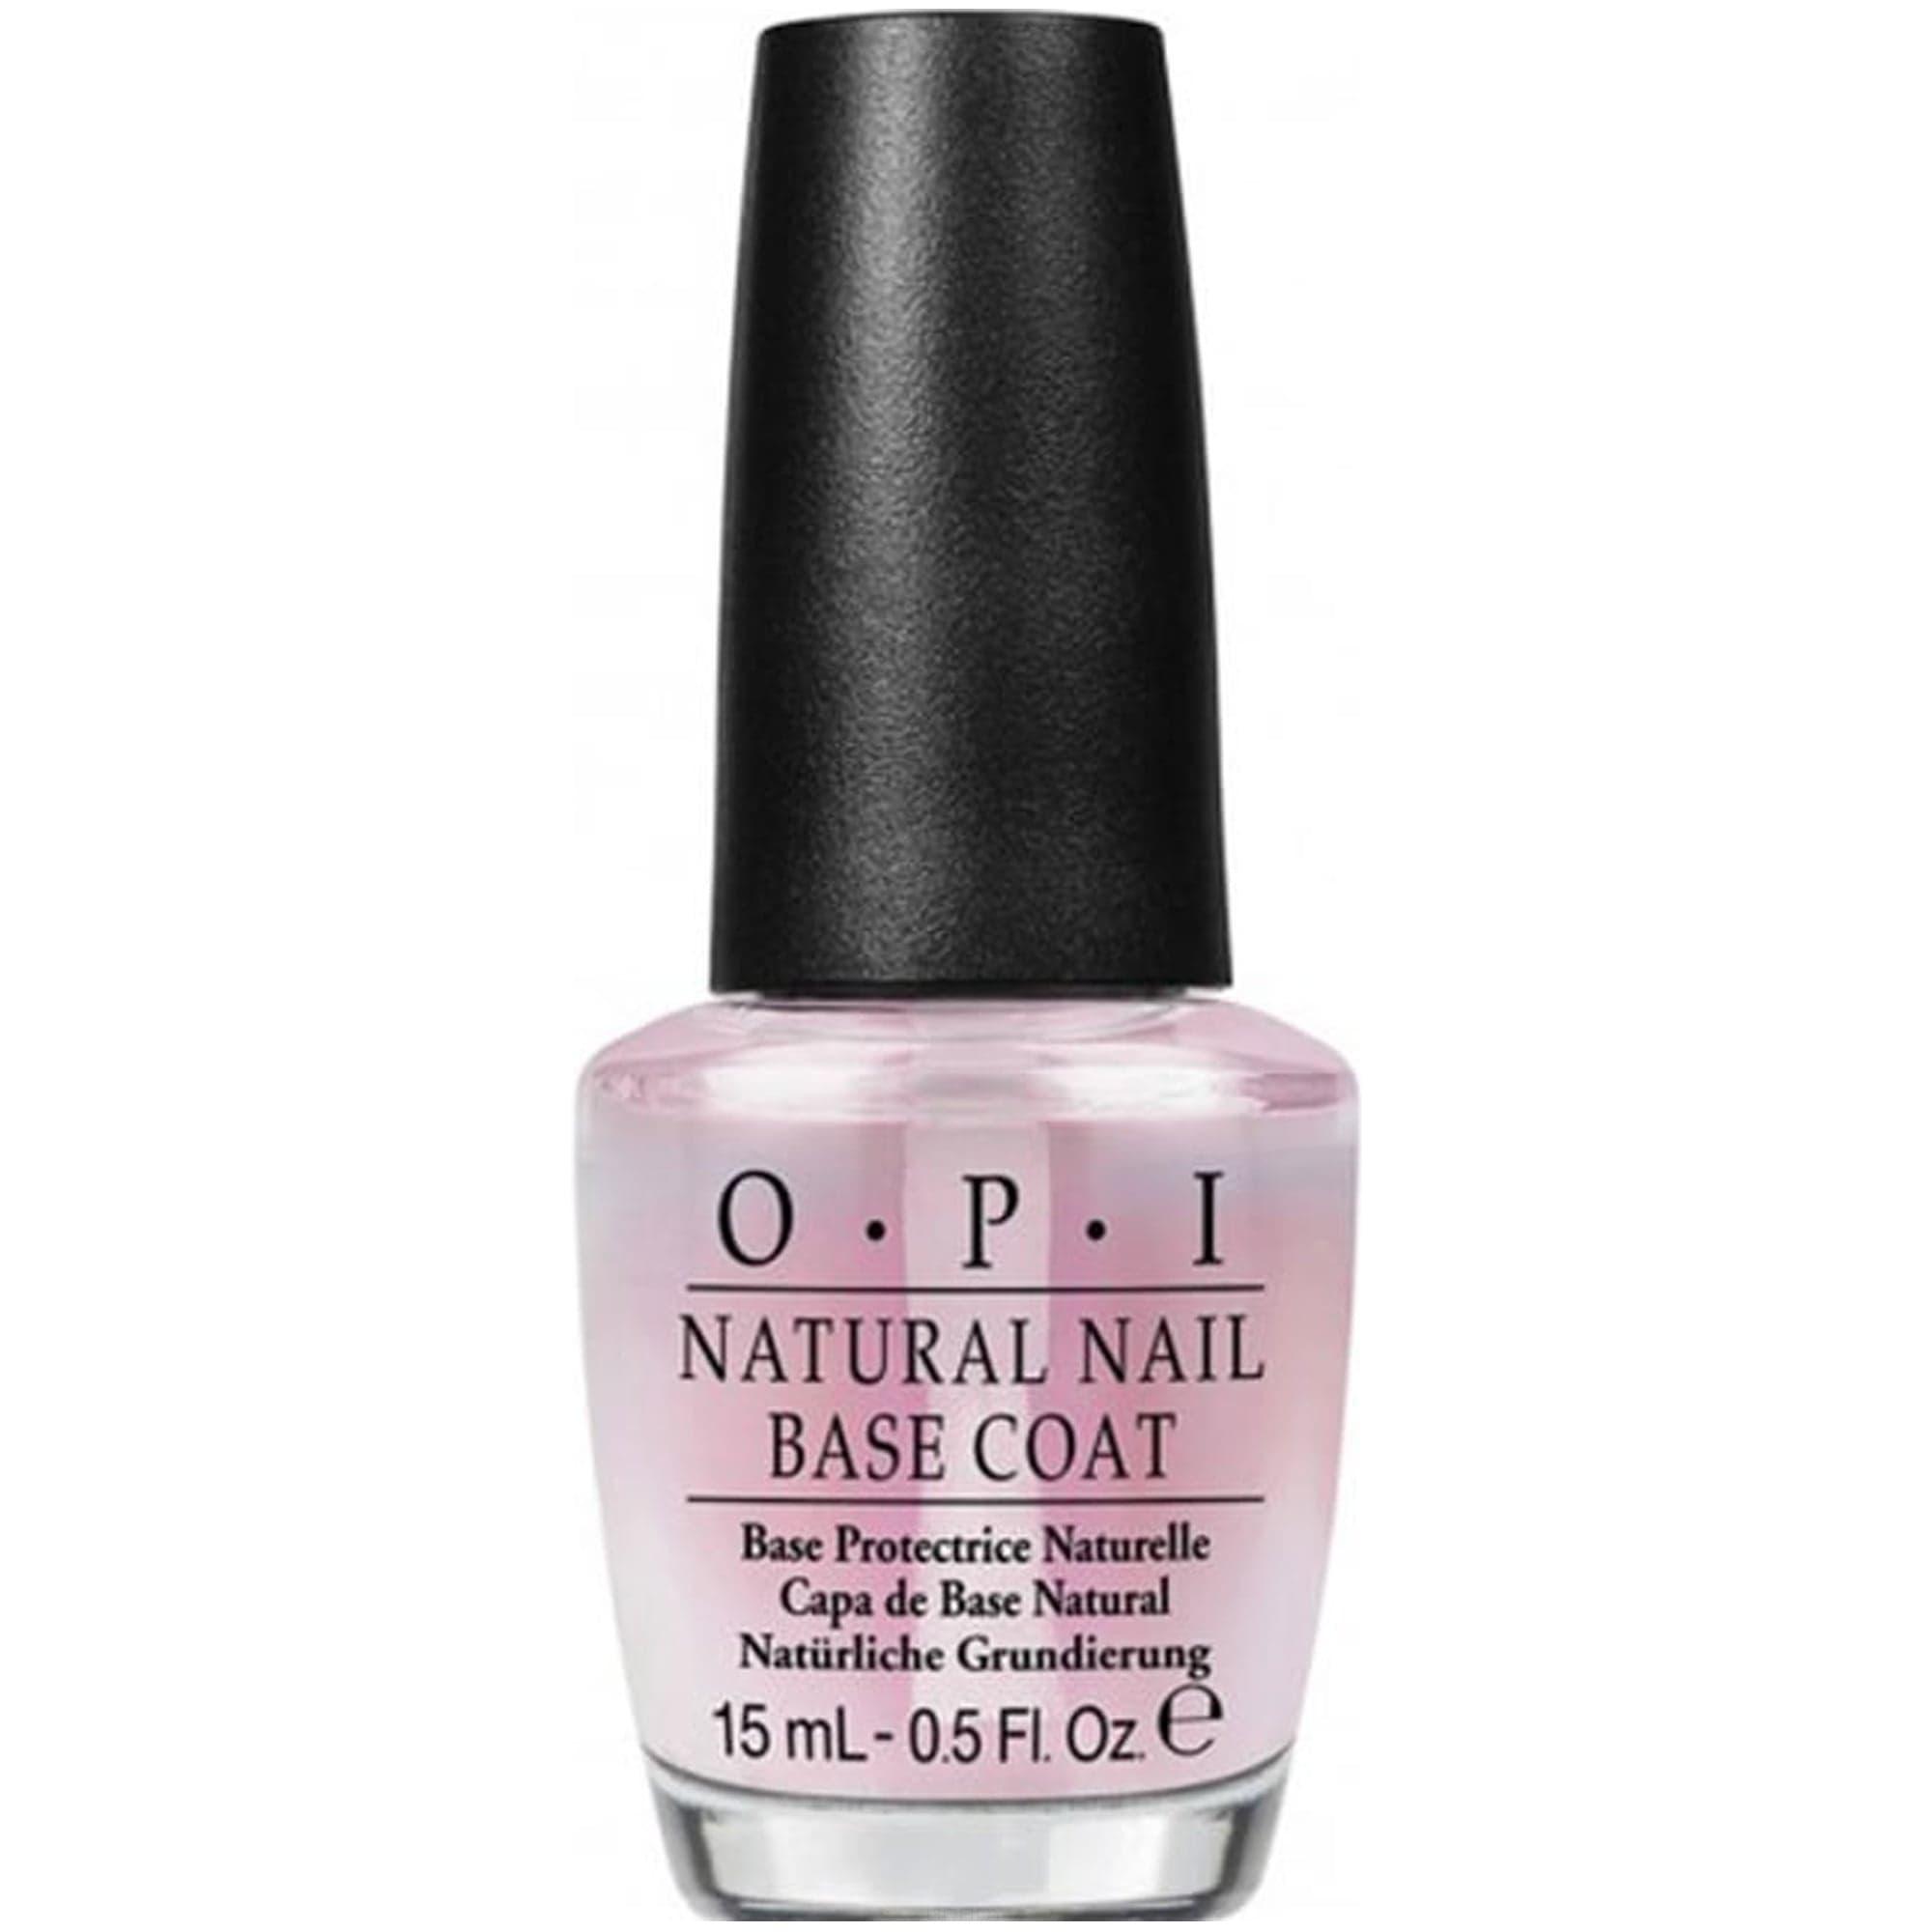 OPI, Покрытие базовое для натуральных ногтей (c кератин-аминокислотами) Natural Nail Base Coat, 15 мл цена